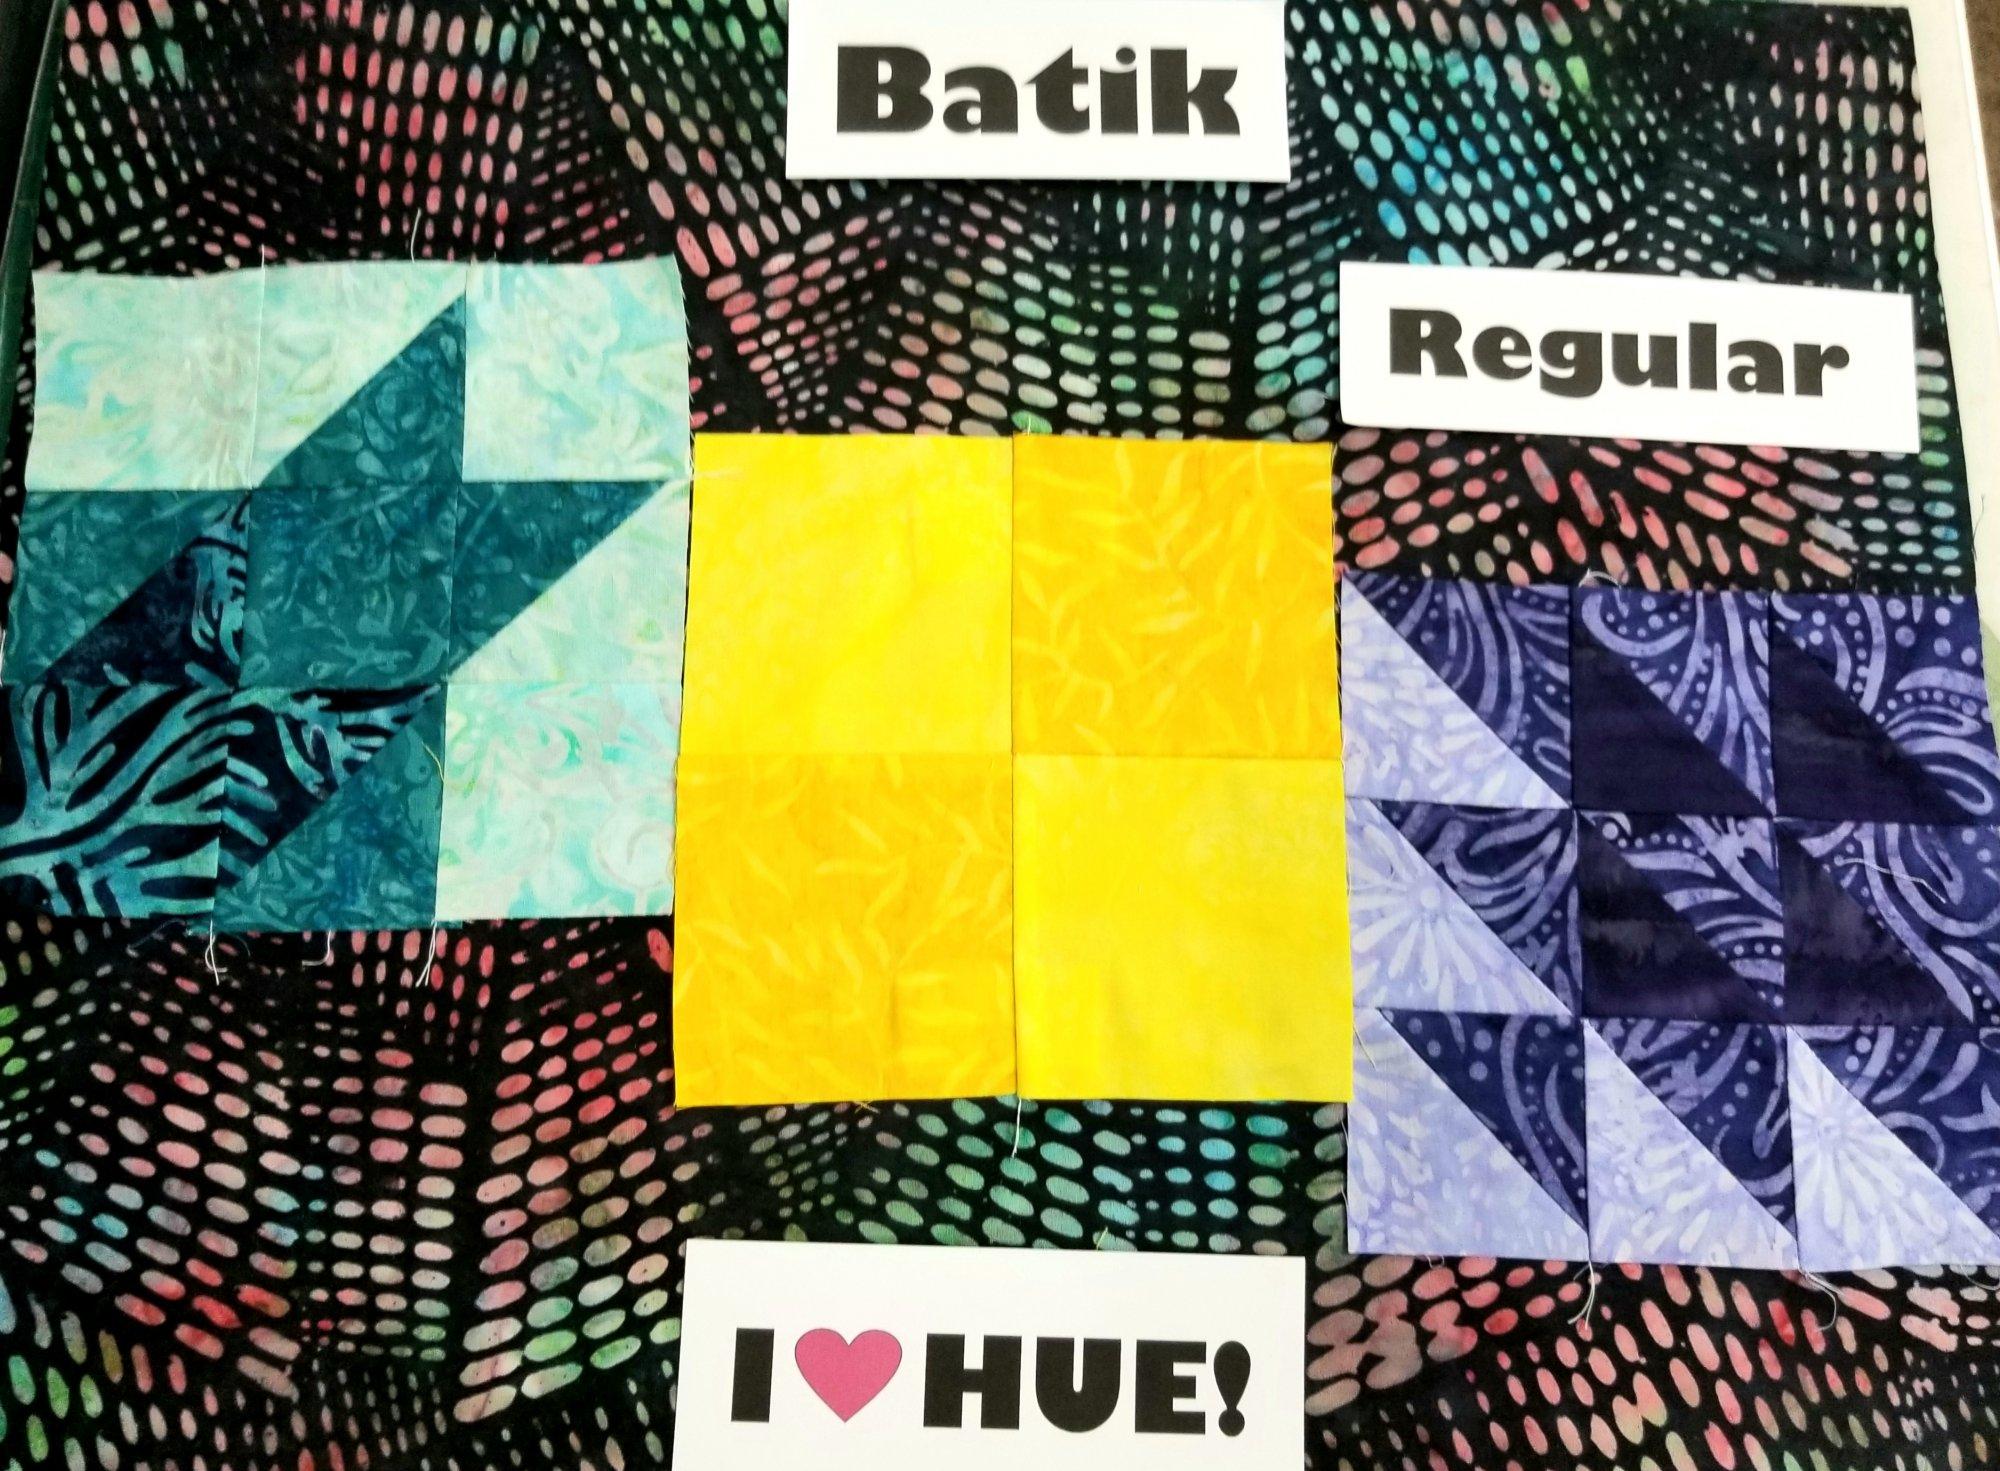 July Batik Regular